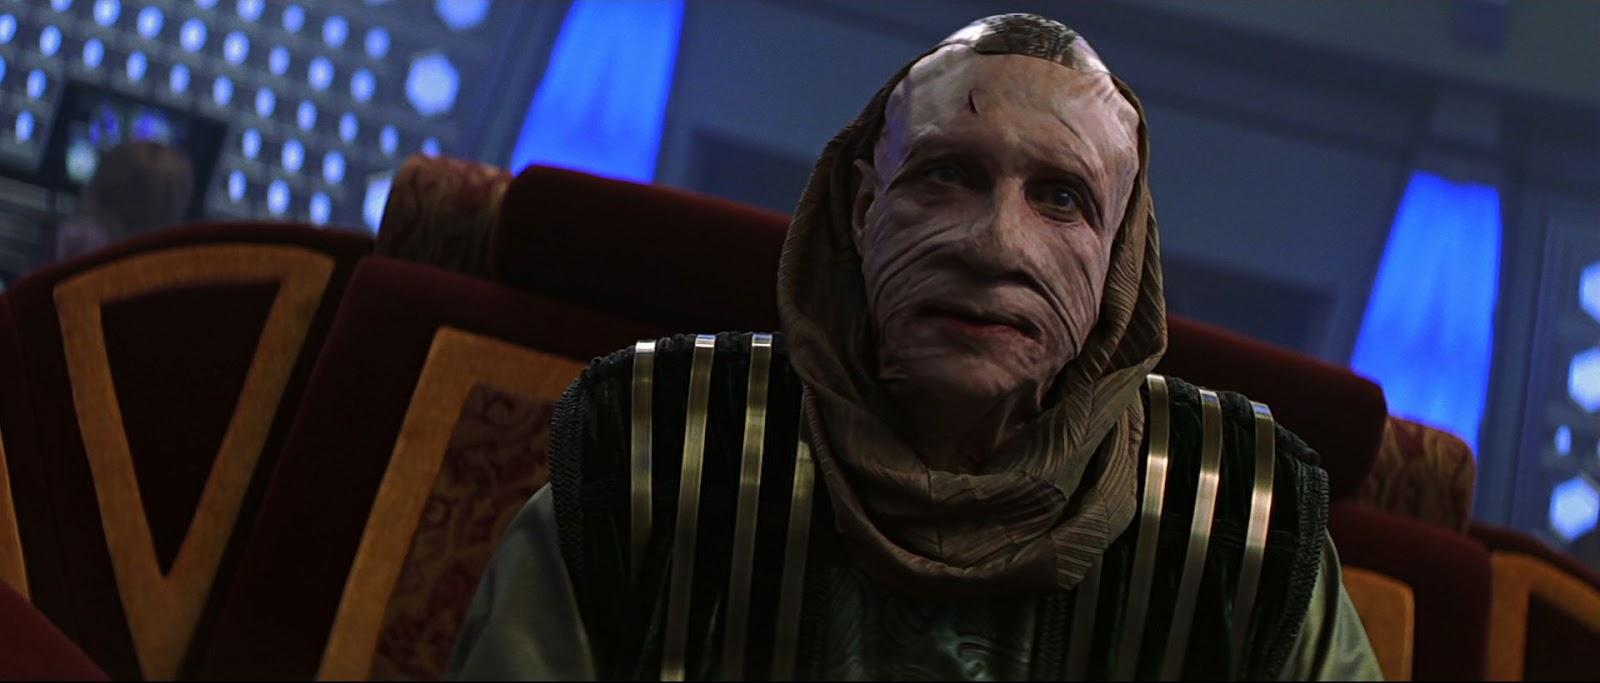 Star Trek: Insurrection Bad Guy